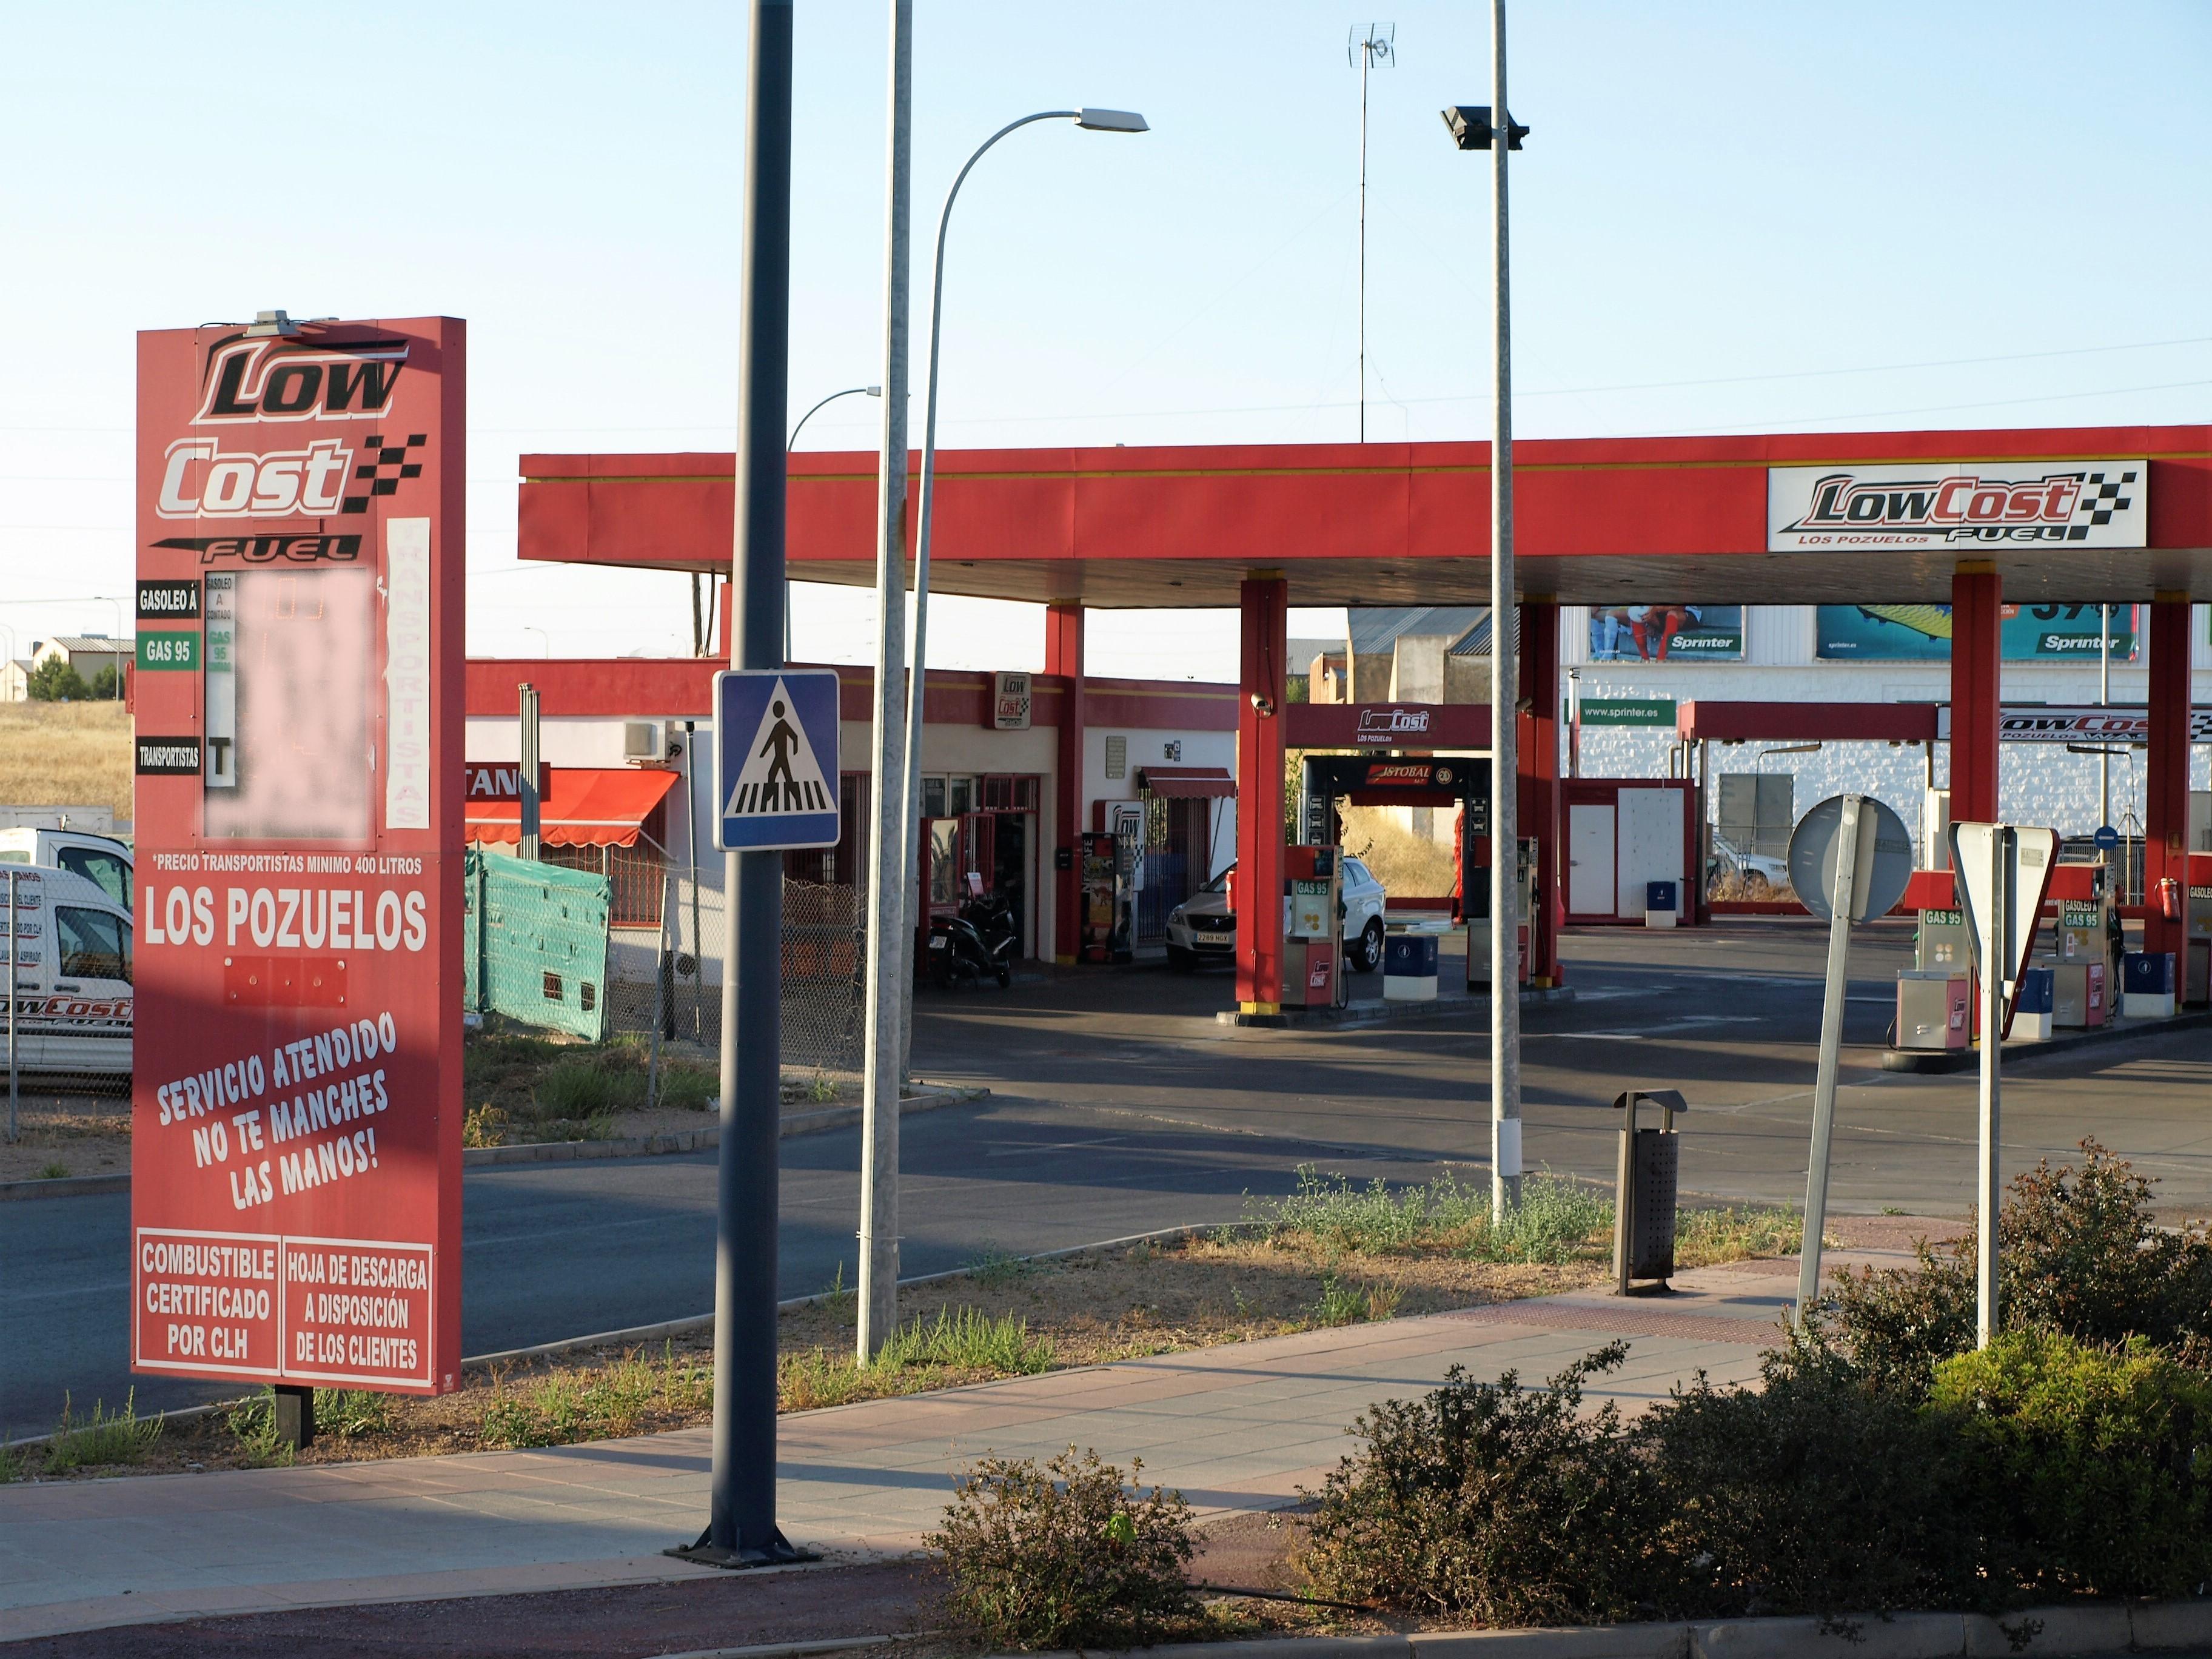 españa gasolinera los pozuelos low cost